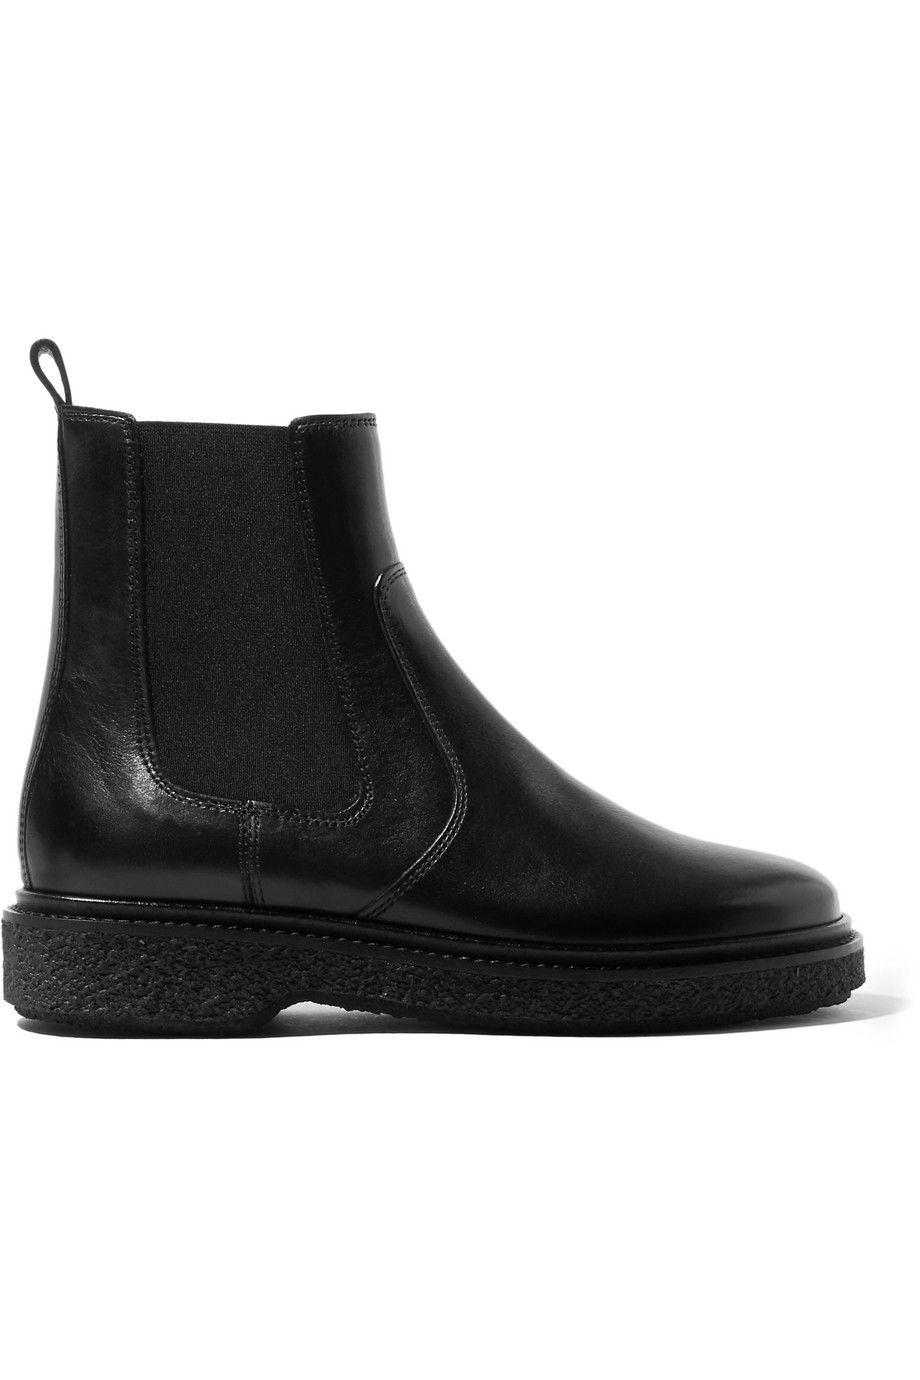 boots-herfst-winter-2018-laarzen-trend